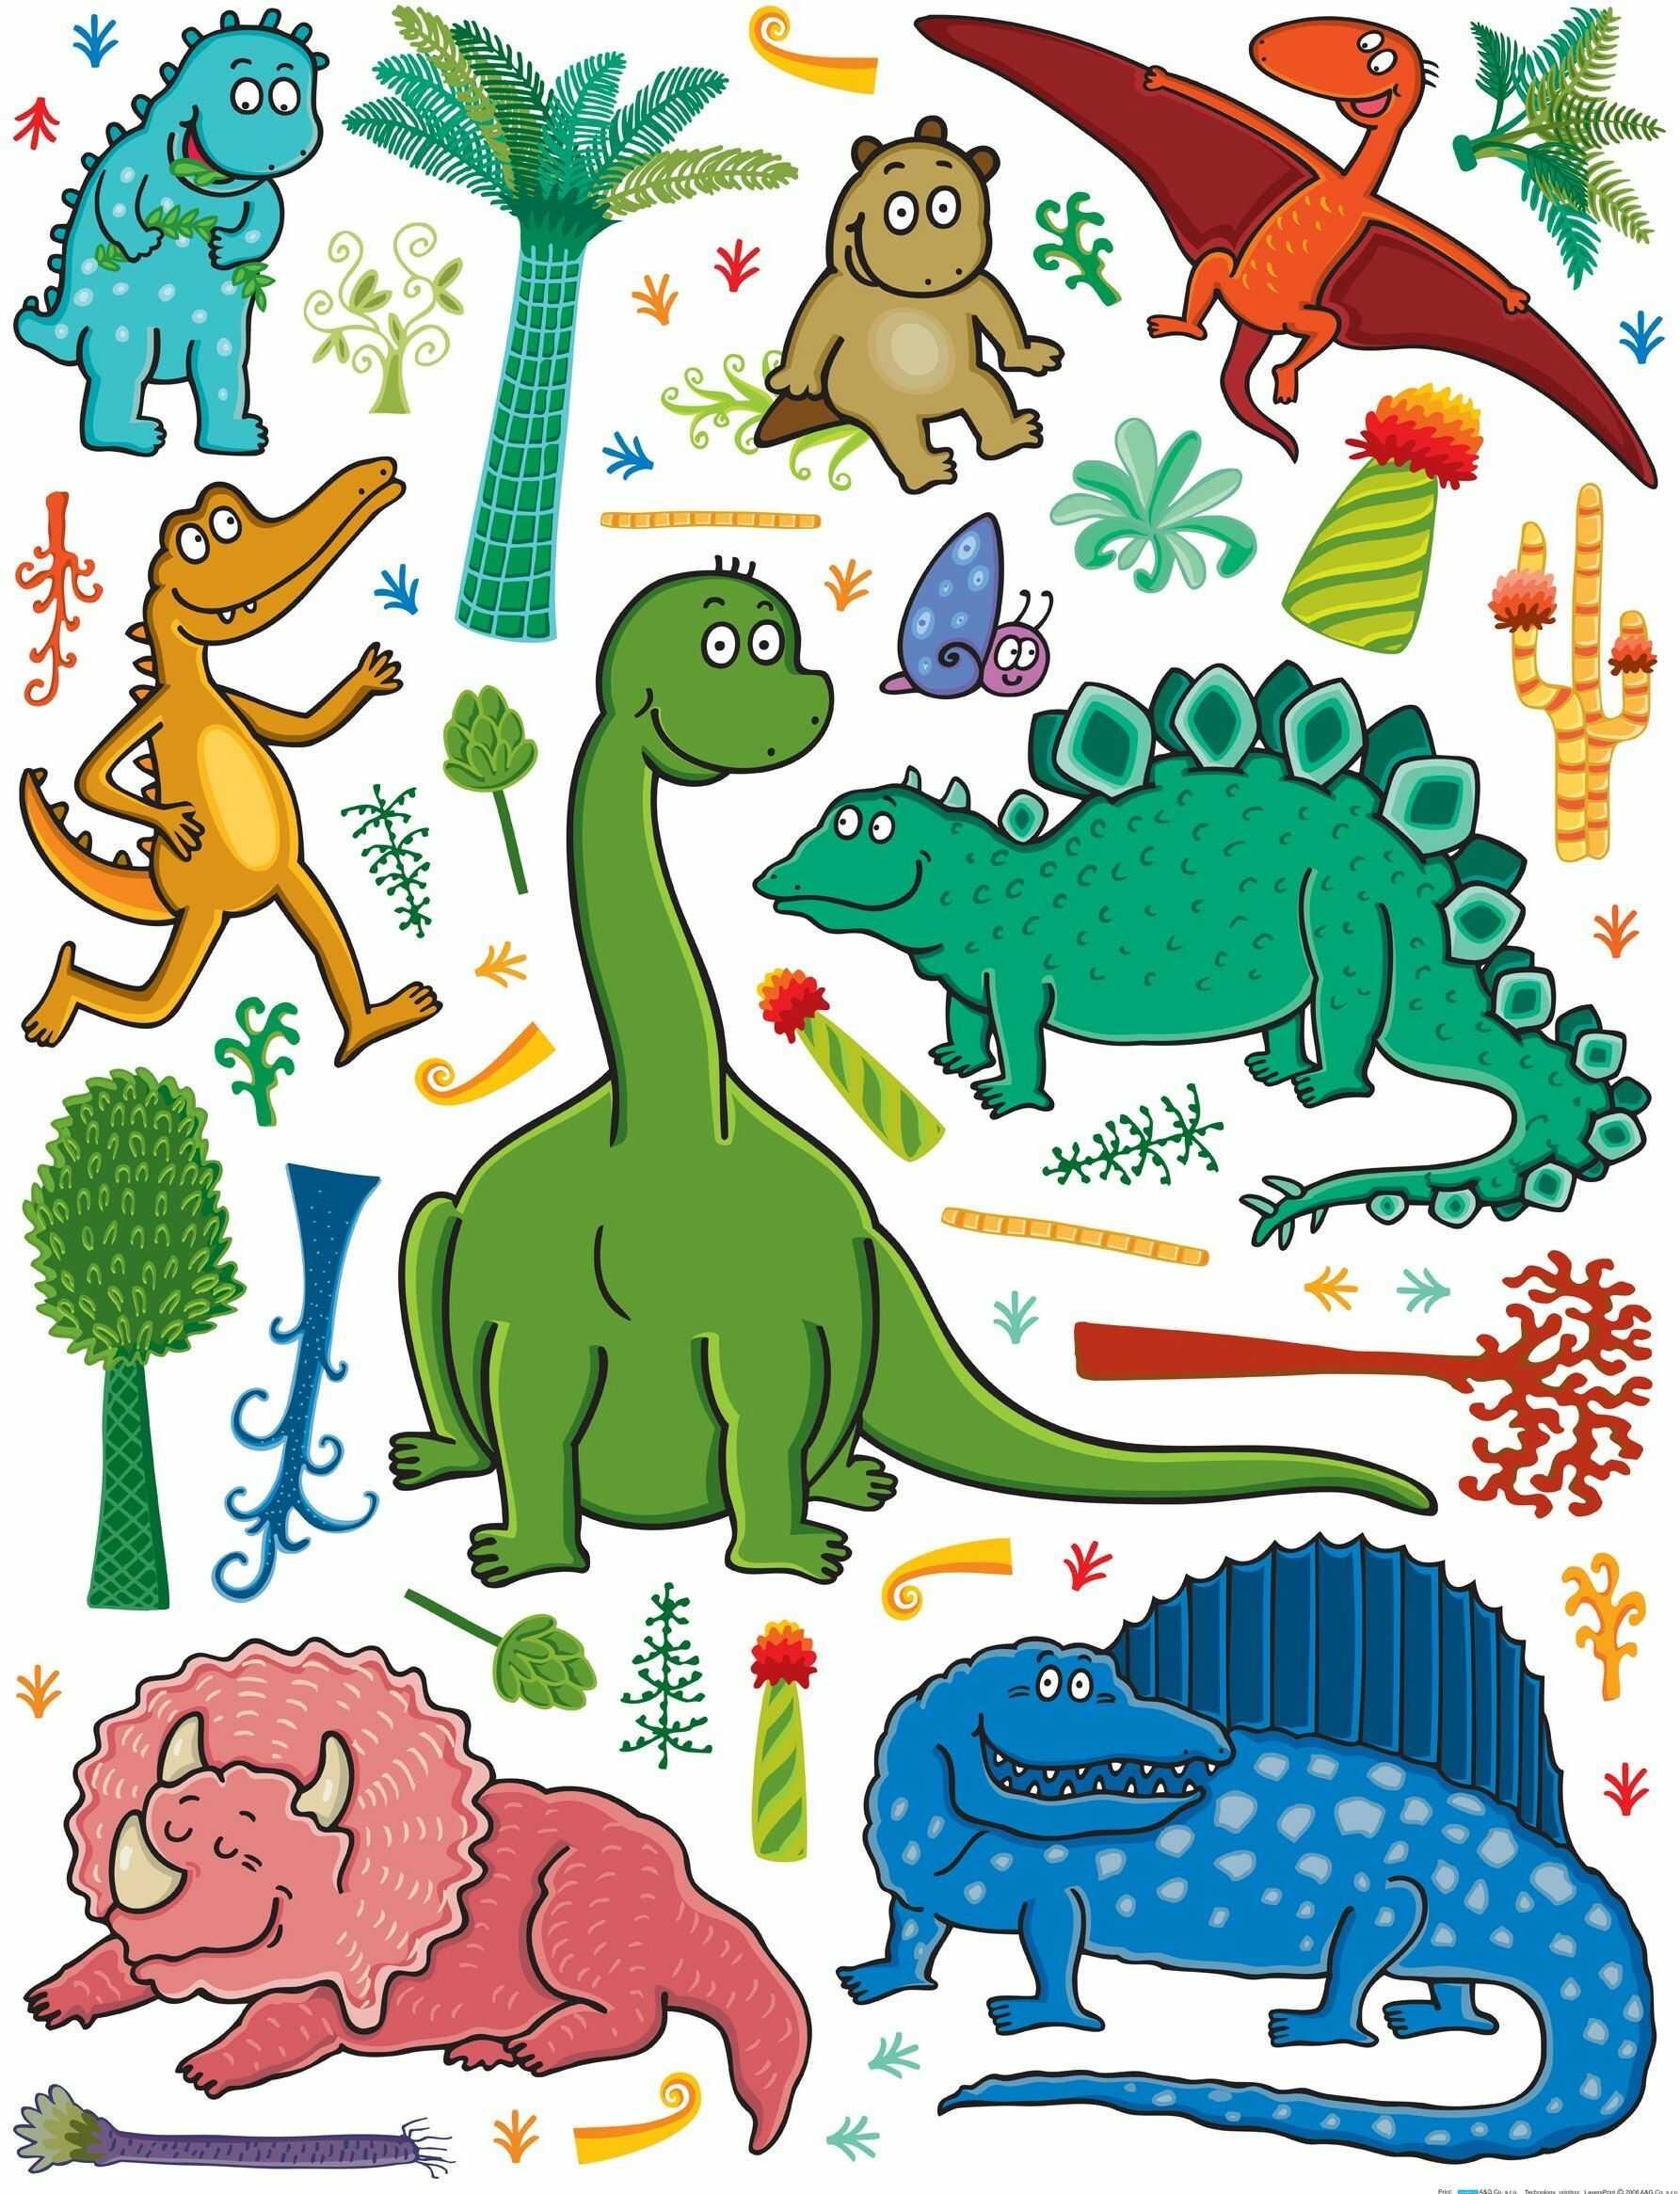 Naklejka ścienna Dinozaury K1048, powłoka polimerowa, 65 x 0,02 x 85 cm, wielokolorowa